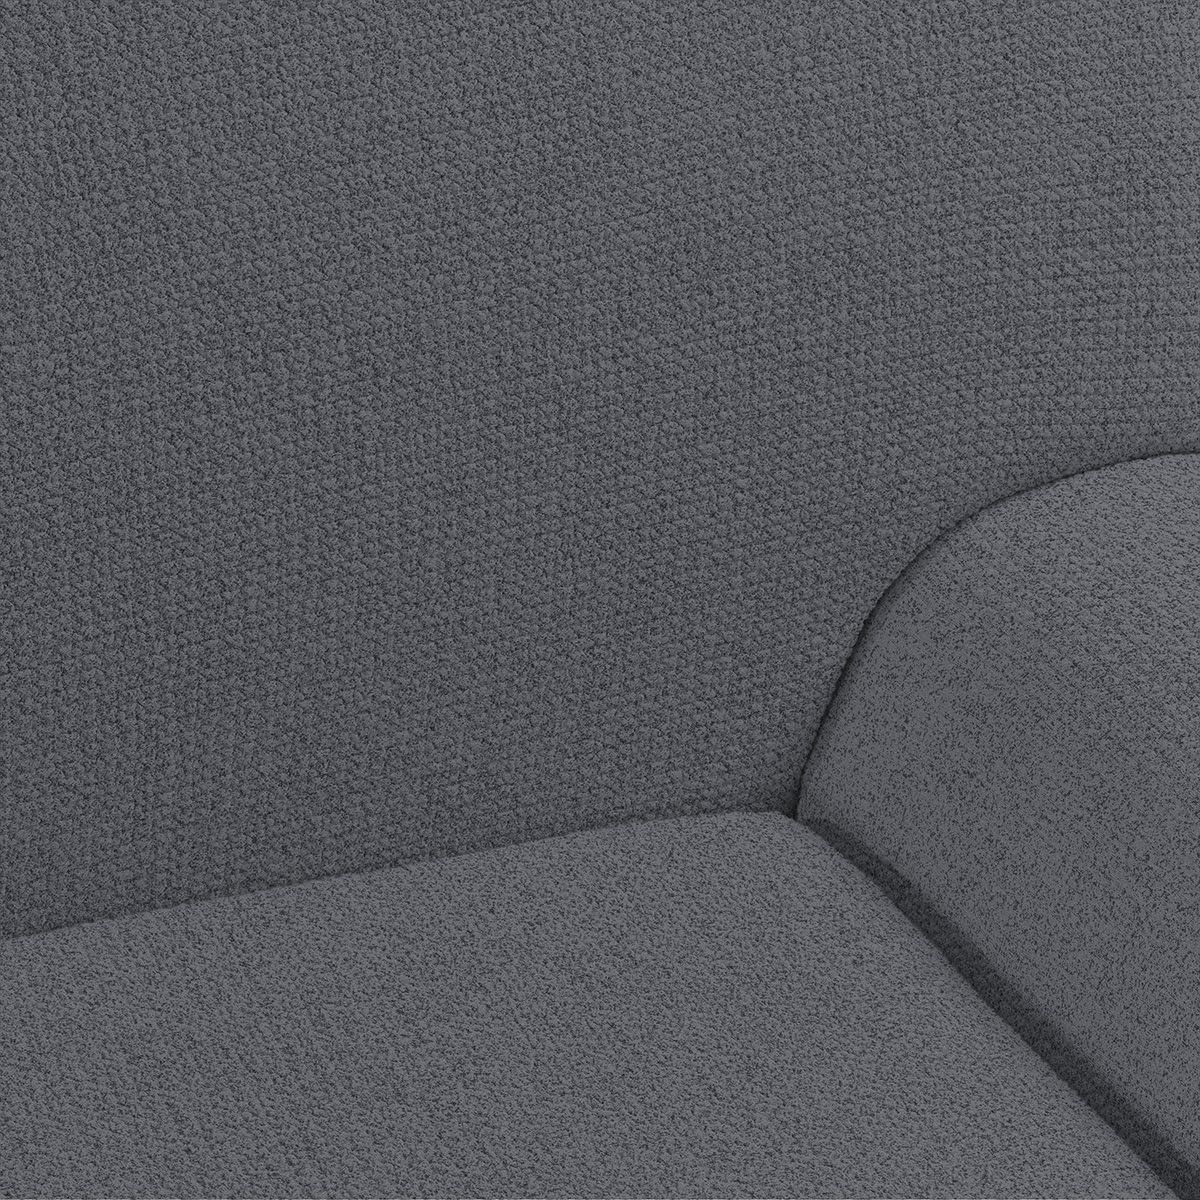 Casa Textil Edir Housse pour canap/é Dos/_plazas Beige